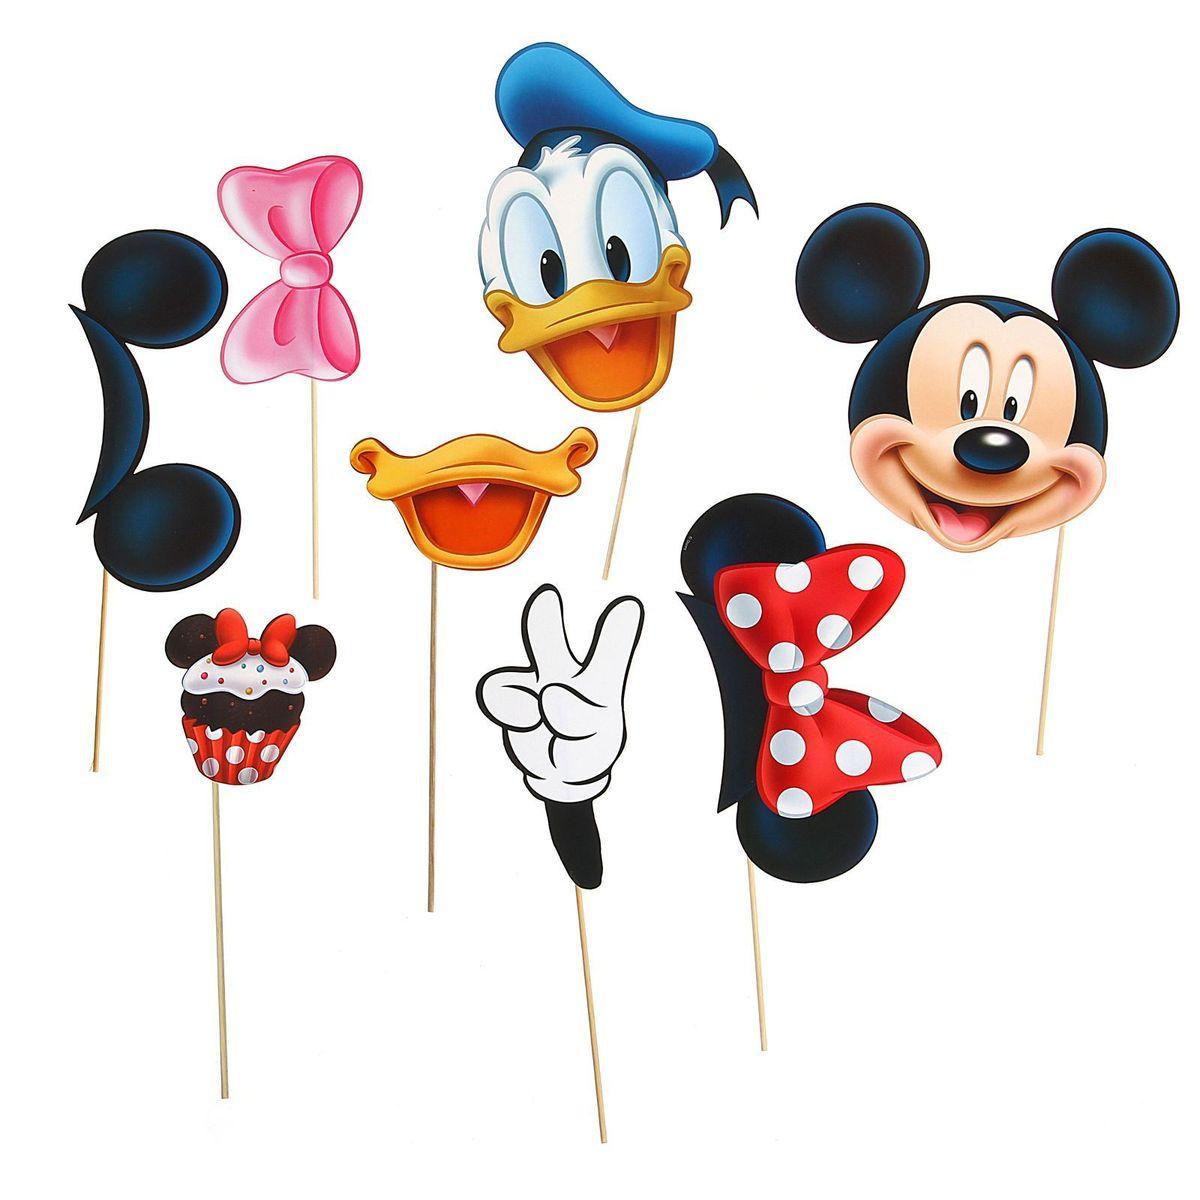 Набор фотобутафории Disney Микки Маус и друзья, 8 предметов disney блокнот микки маус ты лучше всех 60 листов